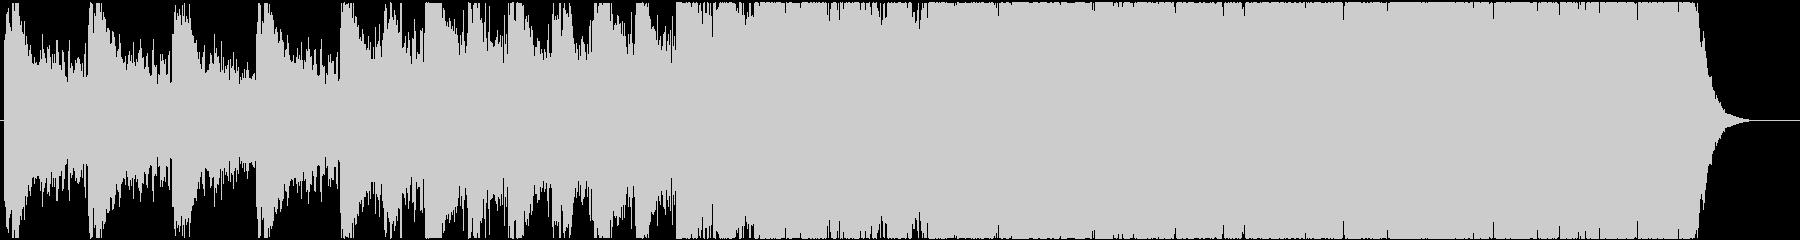 緊迫感のあるシネマティック曲 1-2の未再生の波形